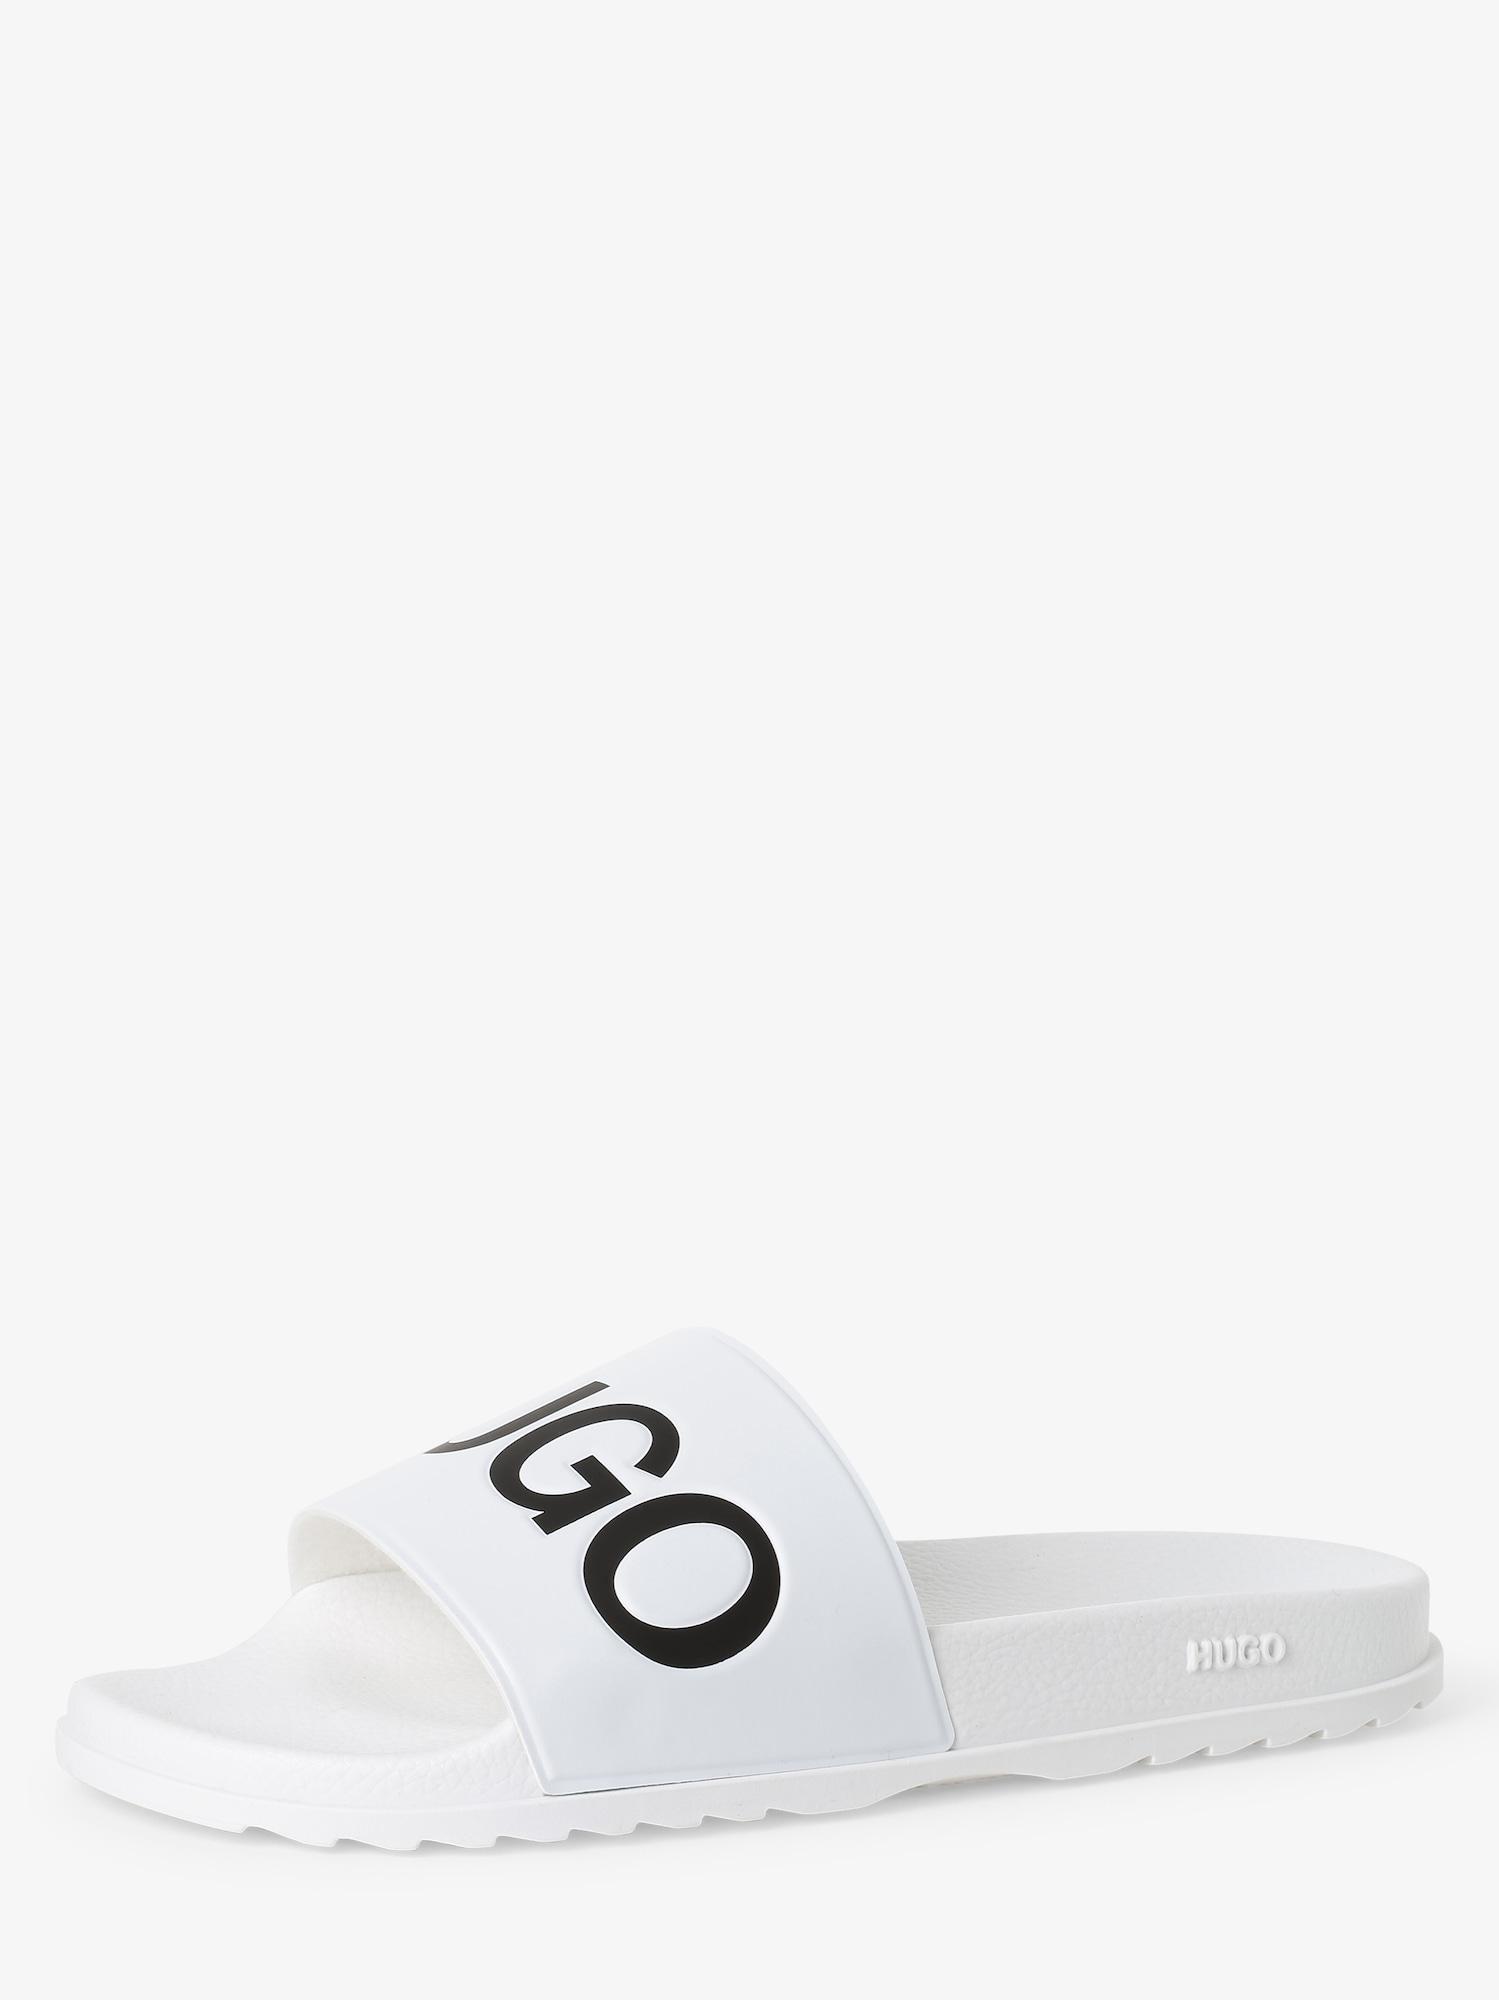 HUGO Pantofle 'Match_Slid_rblg'  bílá / černá